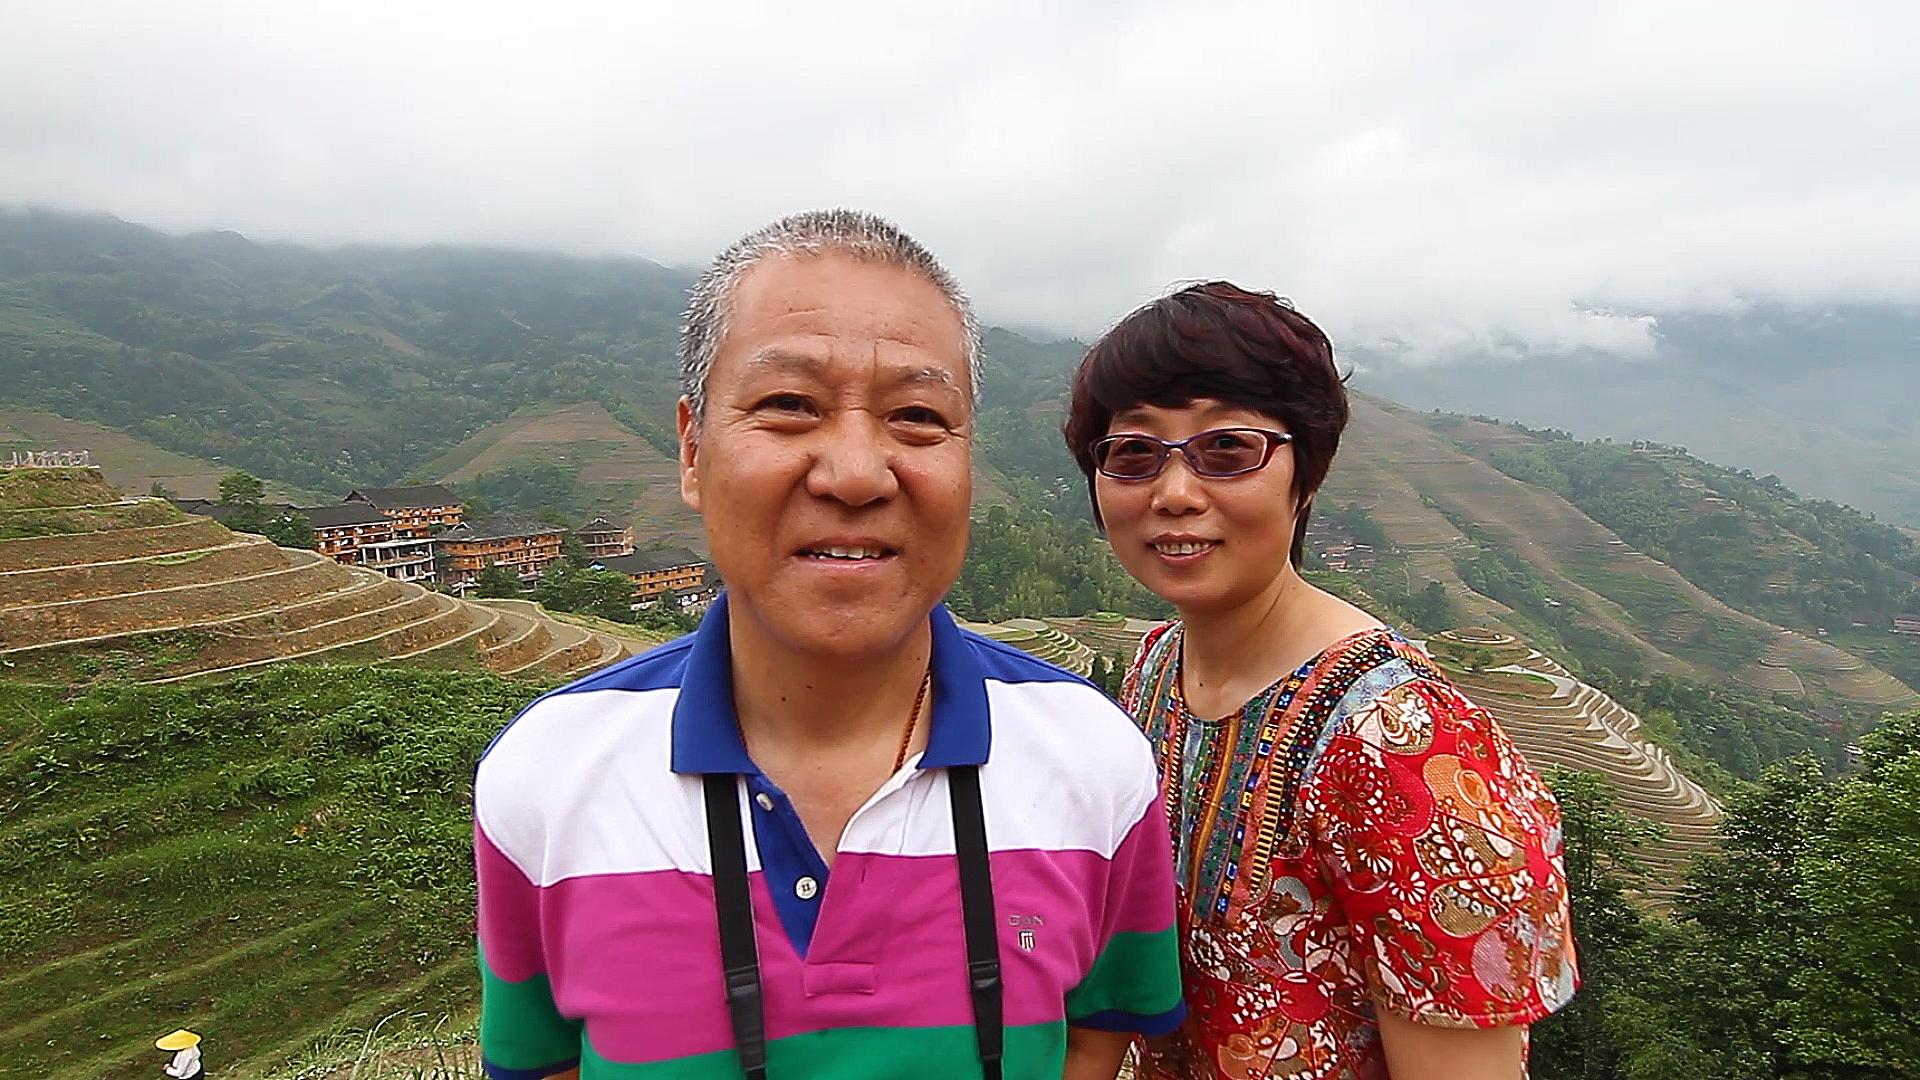 Chine, Guilin, Tiantouzhai, rizières de Longji, rizières en terrasses